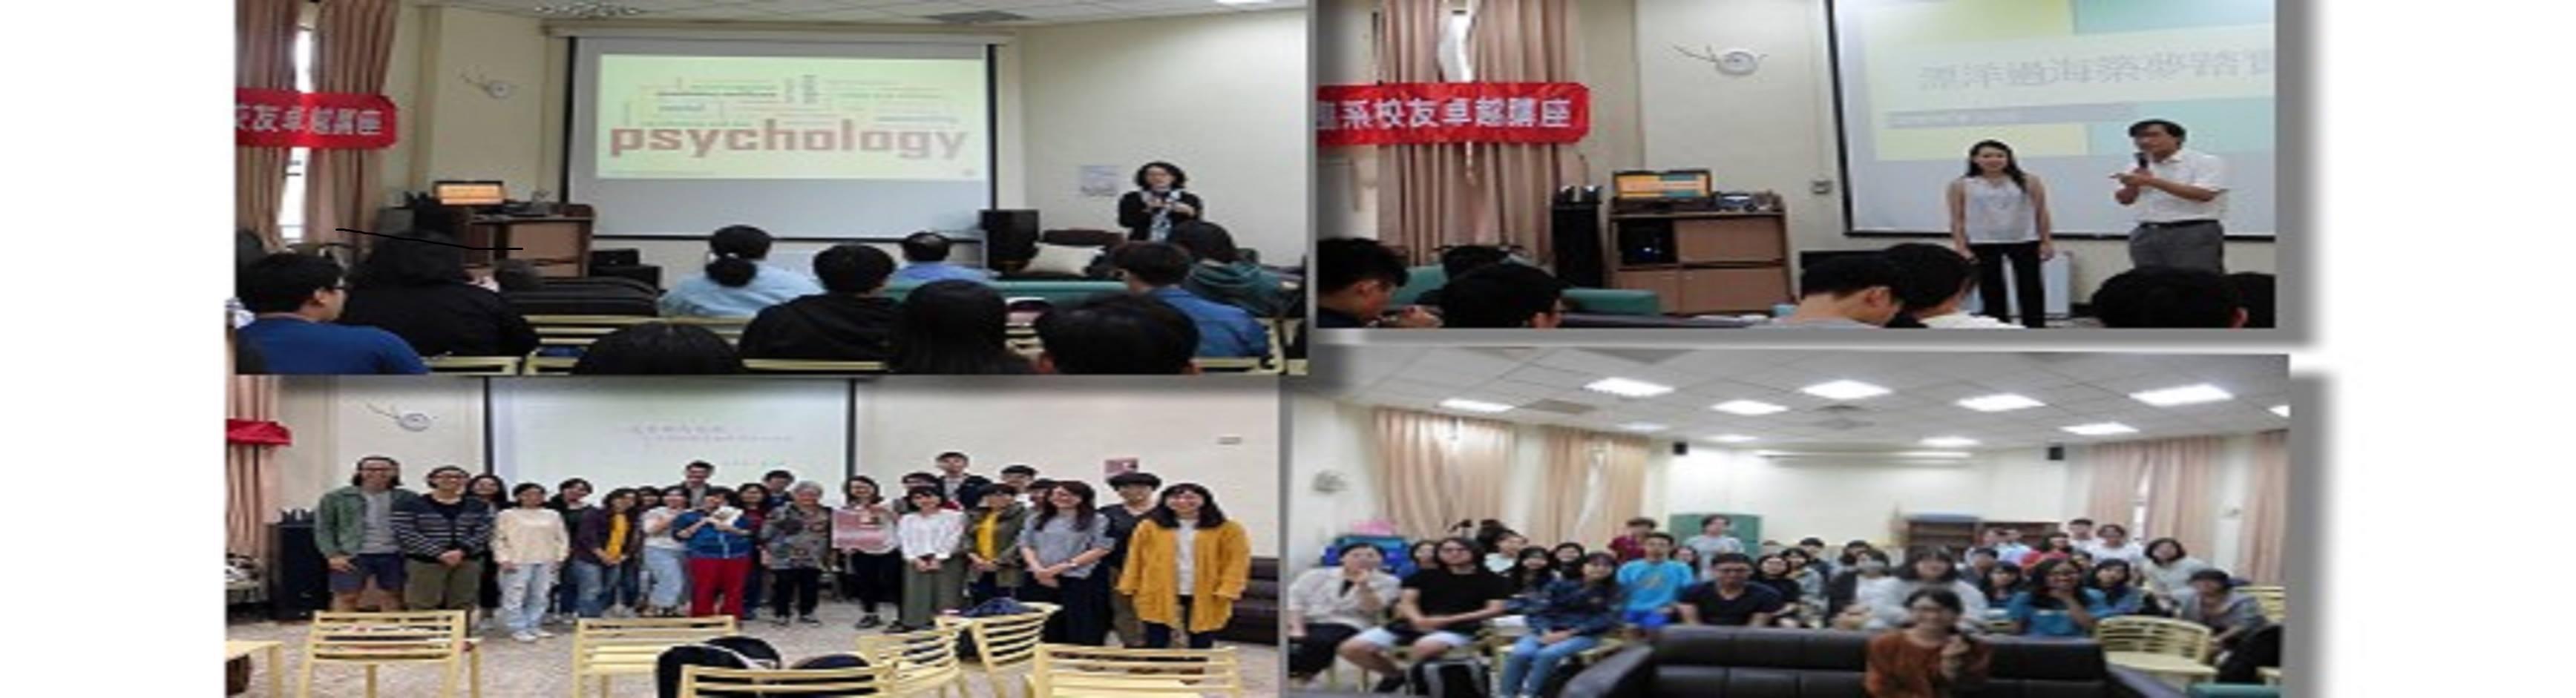 諮商與臨床心理學系108學年度第1學期重點活動